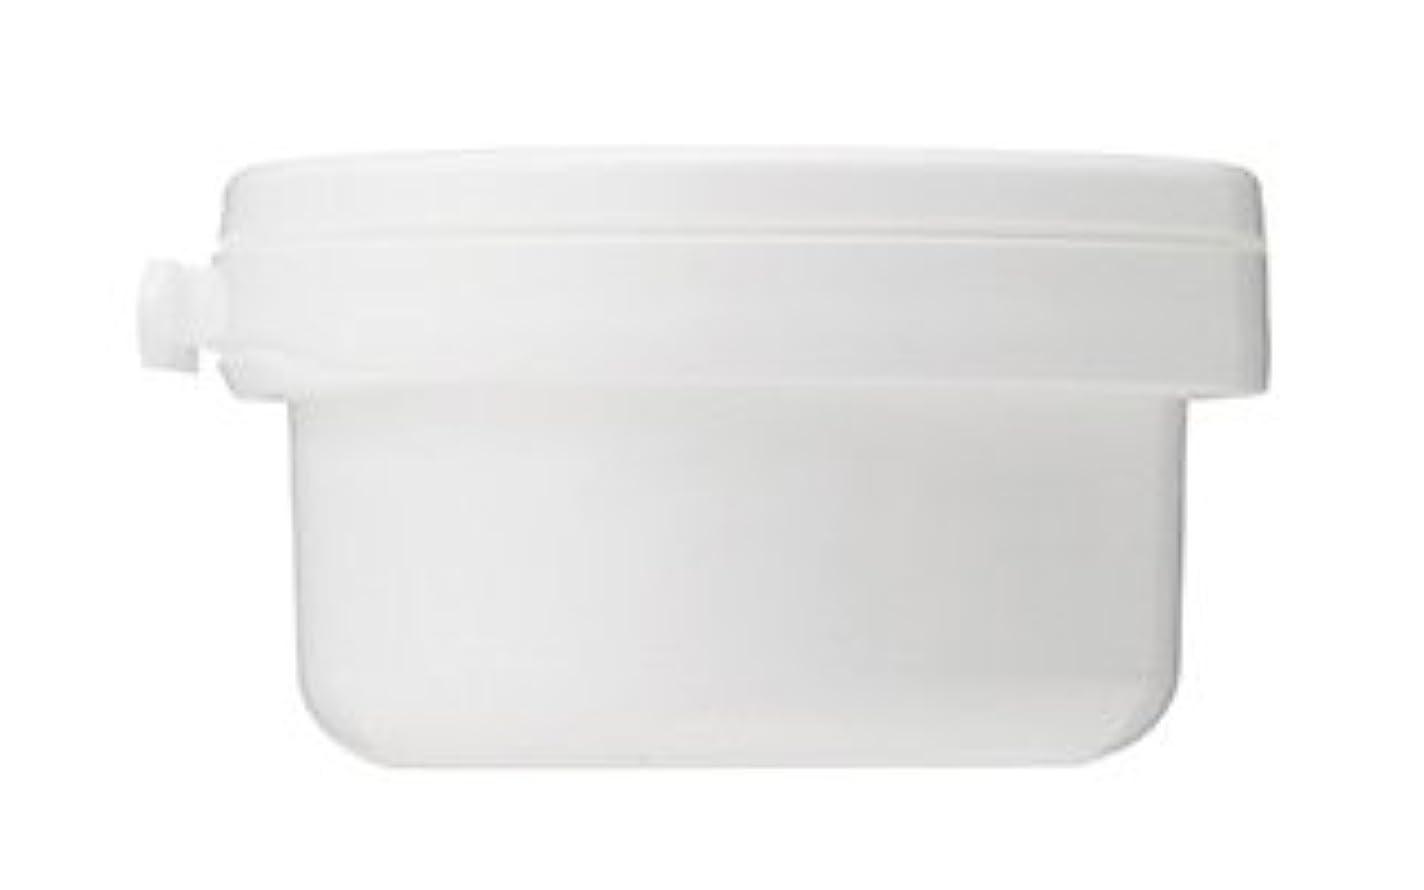 汚染する金貸しせがむインナップEX 保湿クリーム詰め替え用 (潤い効果アップ) モイスチャークリーム MD レフィル [弱酸性]